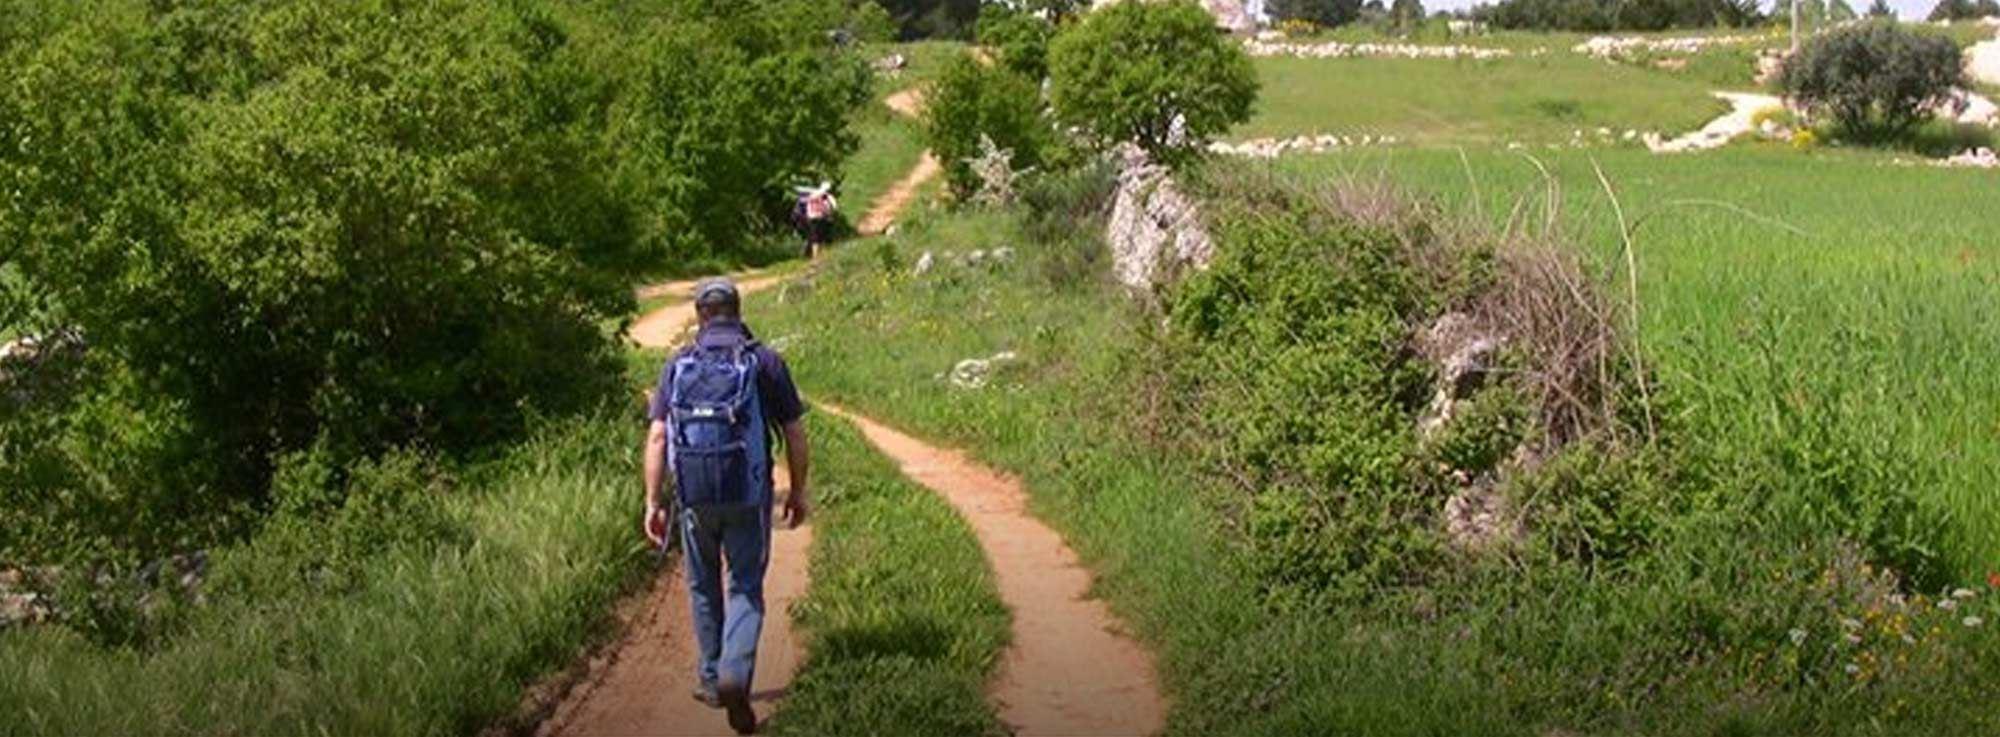 Martina Franca: Grand Tour della Terra delle Gravine